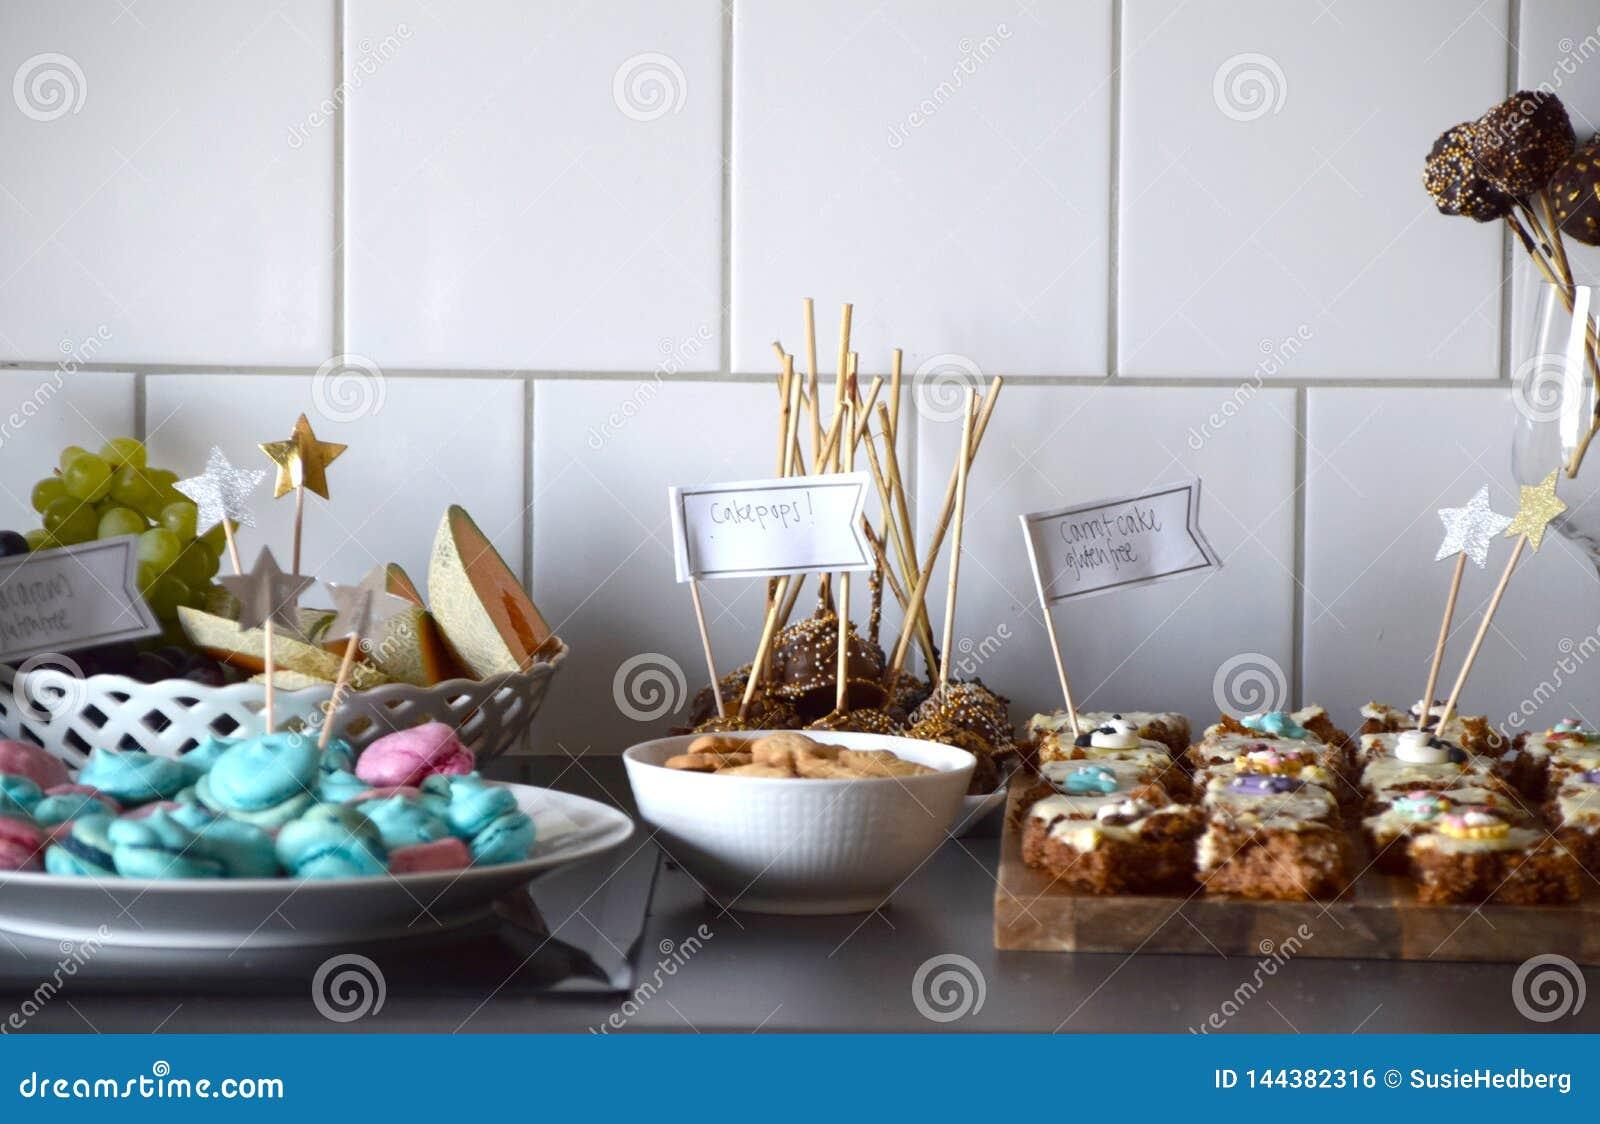 Dessertbuffet met macarons, wortelcake, koekjes en fruit